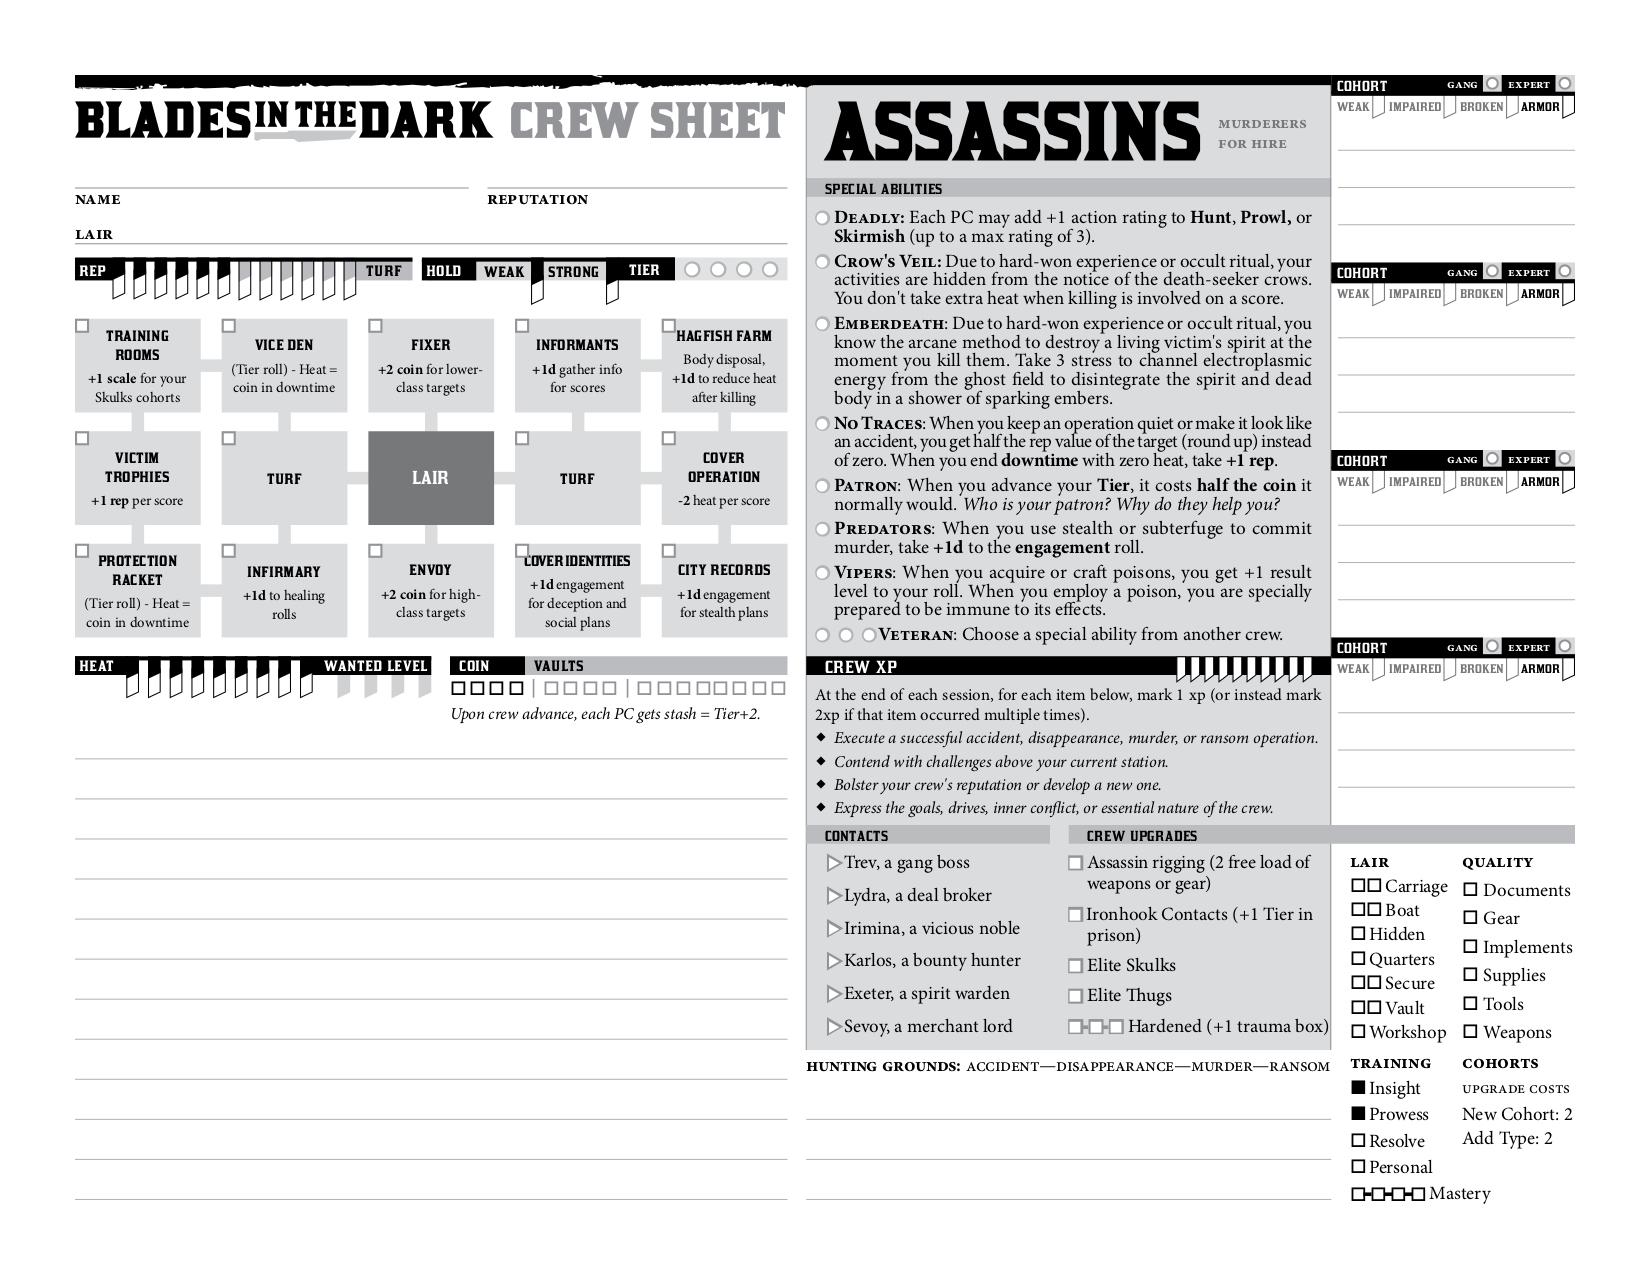 crewsheet-assassins.jpg